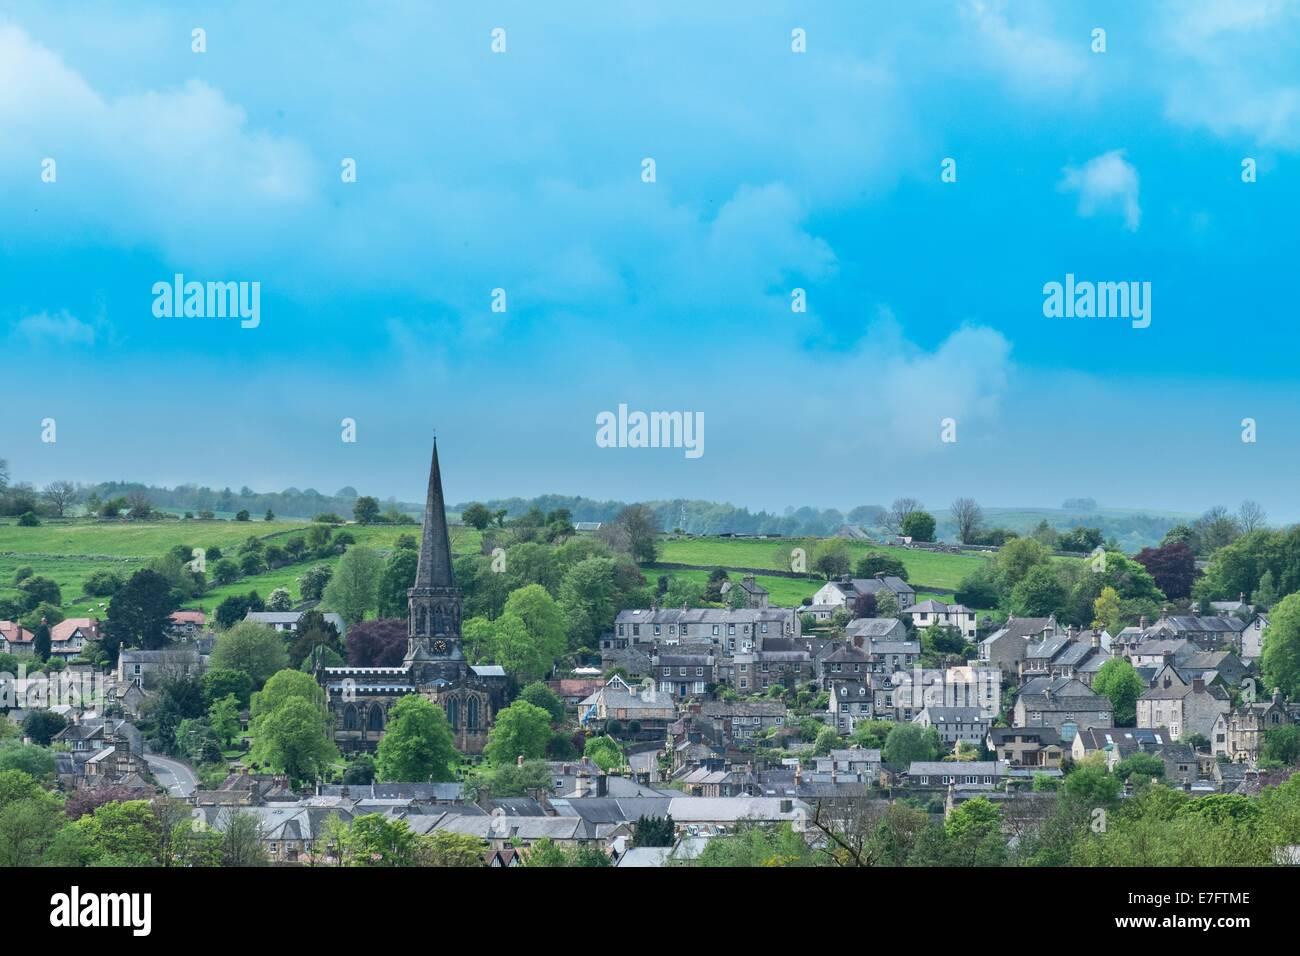 La città di Bakewell mostrante la guglia della chiesa di tutti i Santi, il Parco Nazionale di Peak District, Immagini Stock